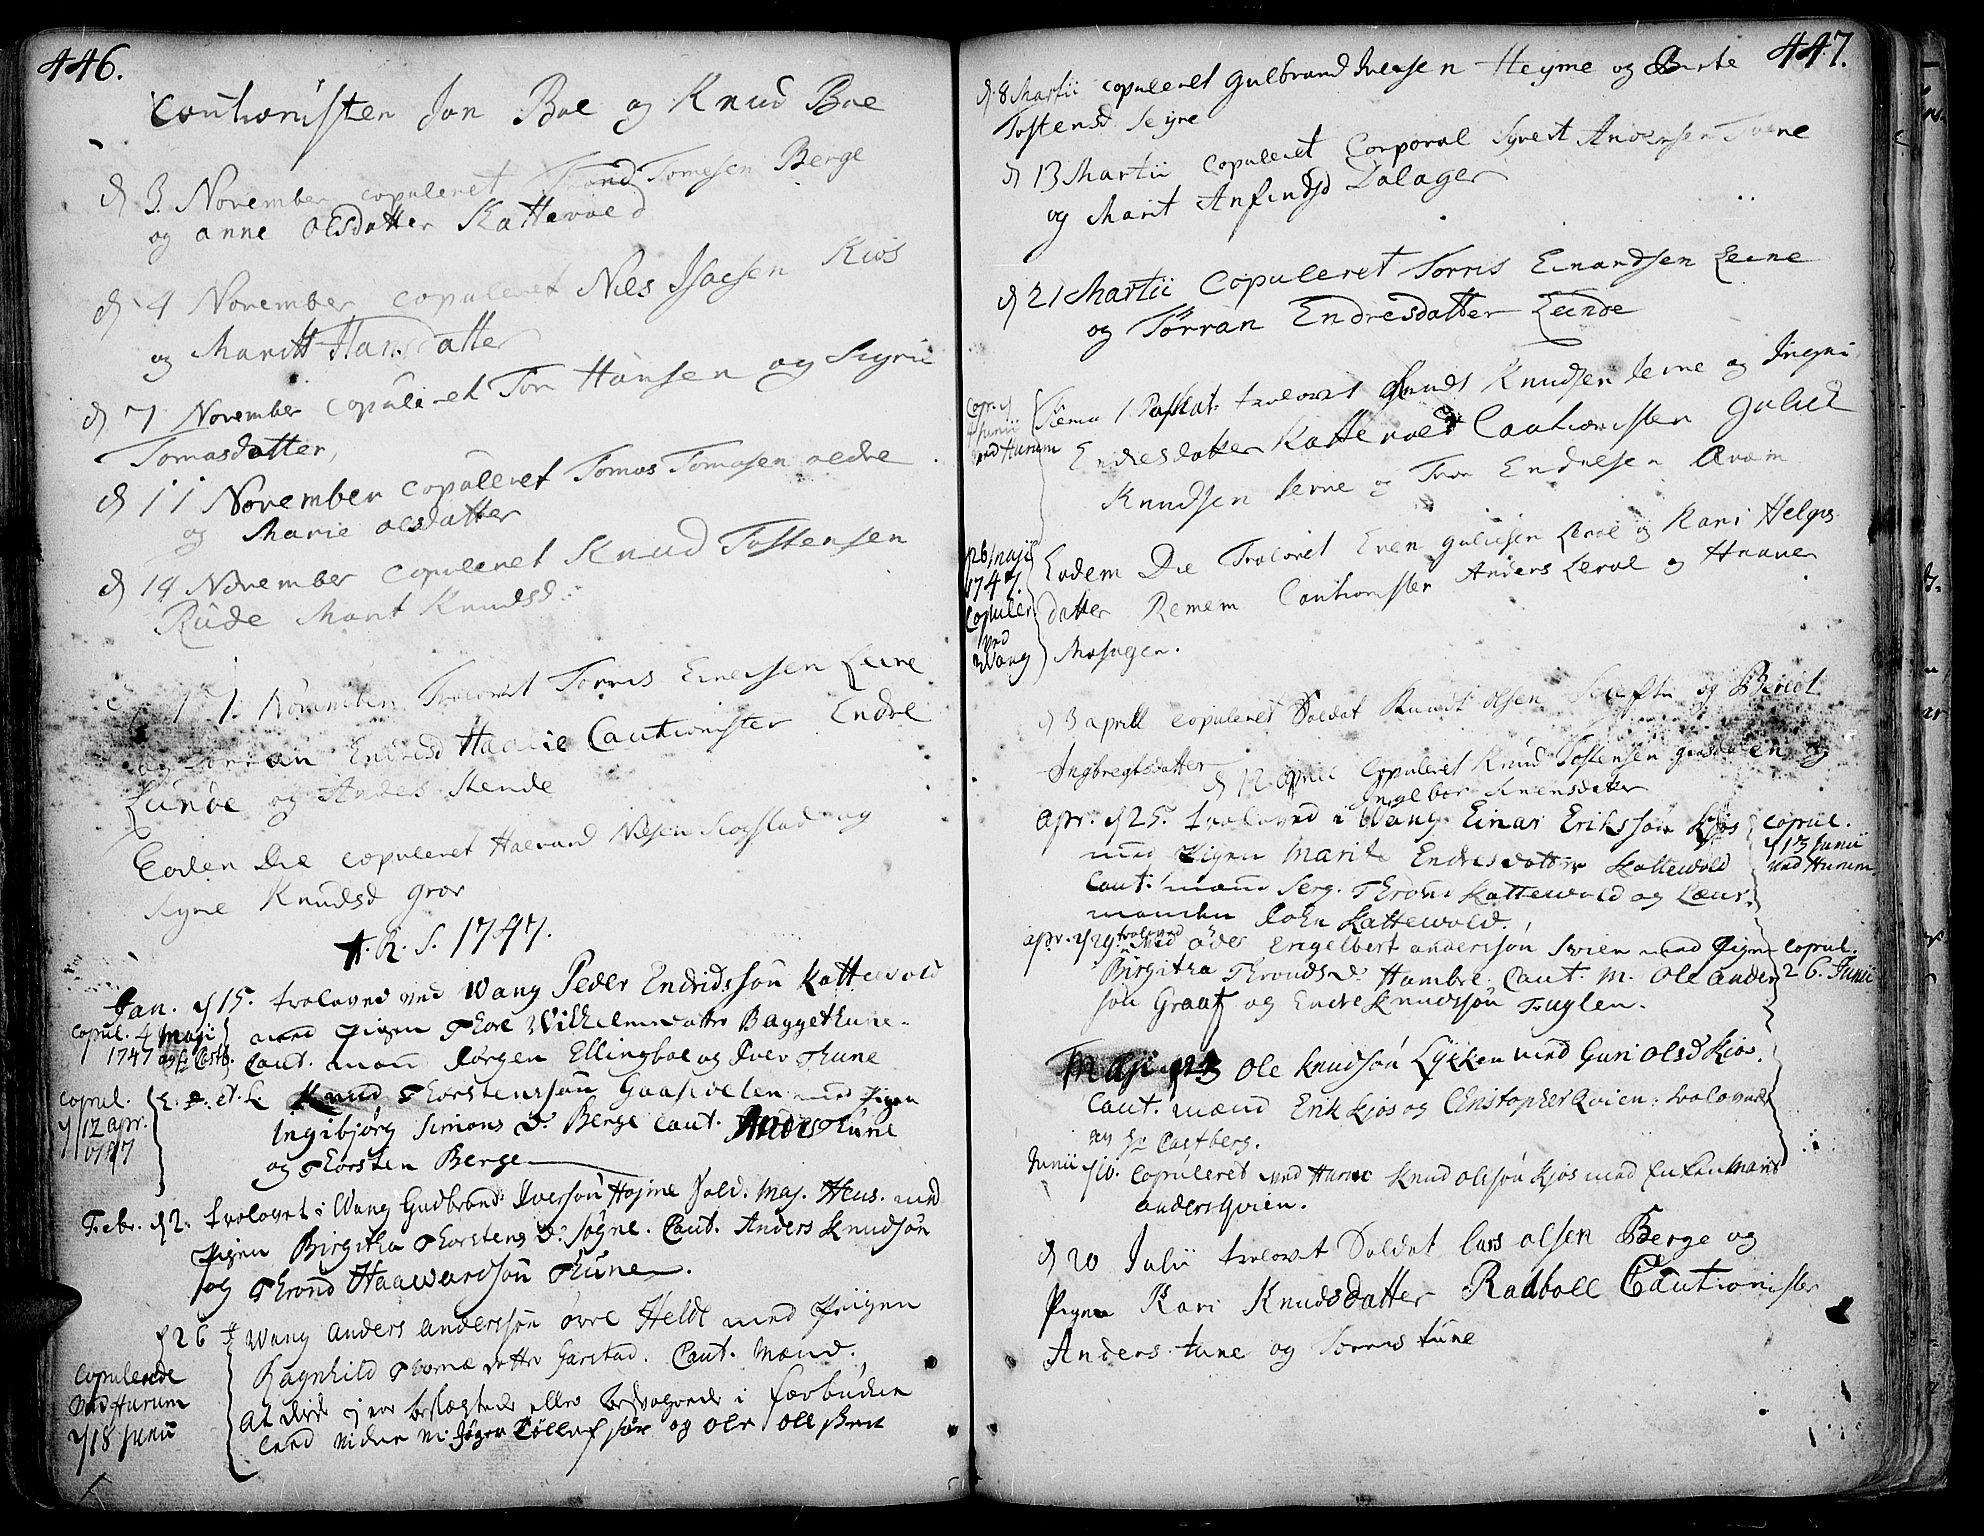 SAH, Vang prestekontor, Valdres, Ministerialbok nr. 1, 1730-1796, s. 446-447